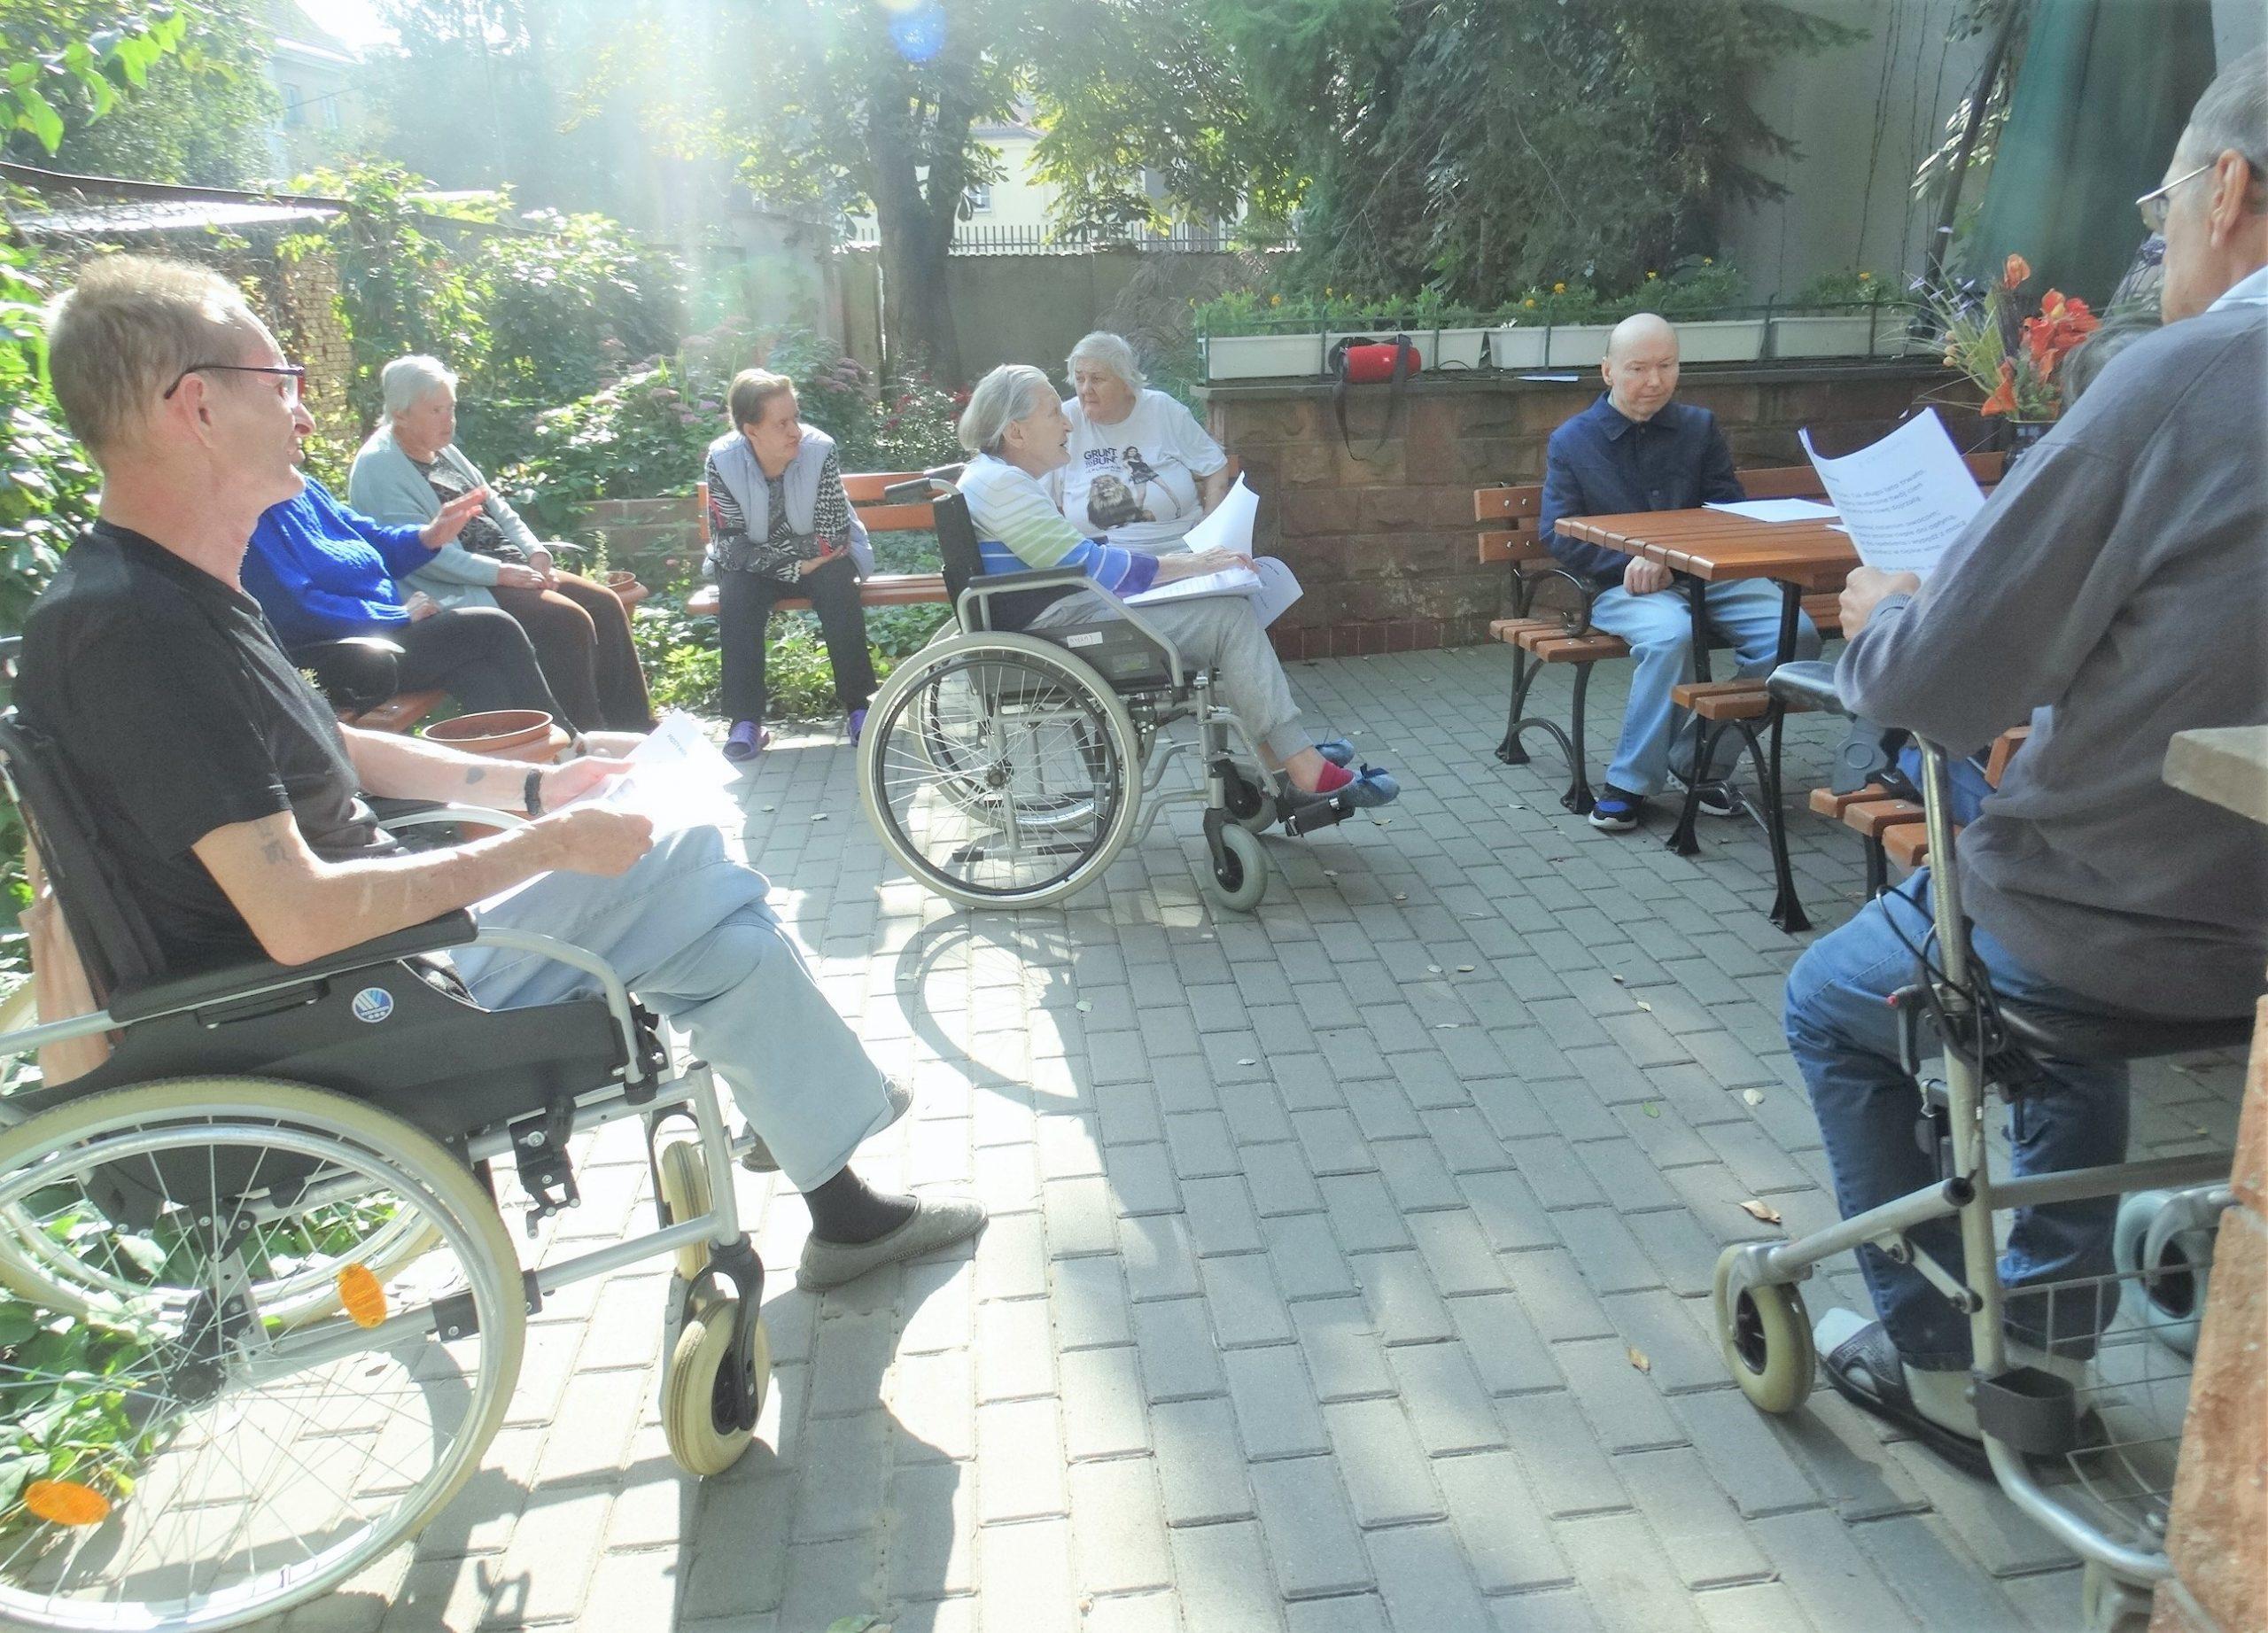 Grupa seniorów w ogrodzie sensorycznym